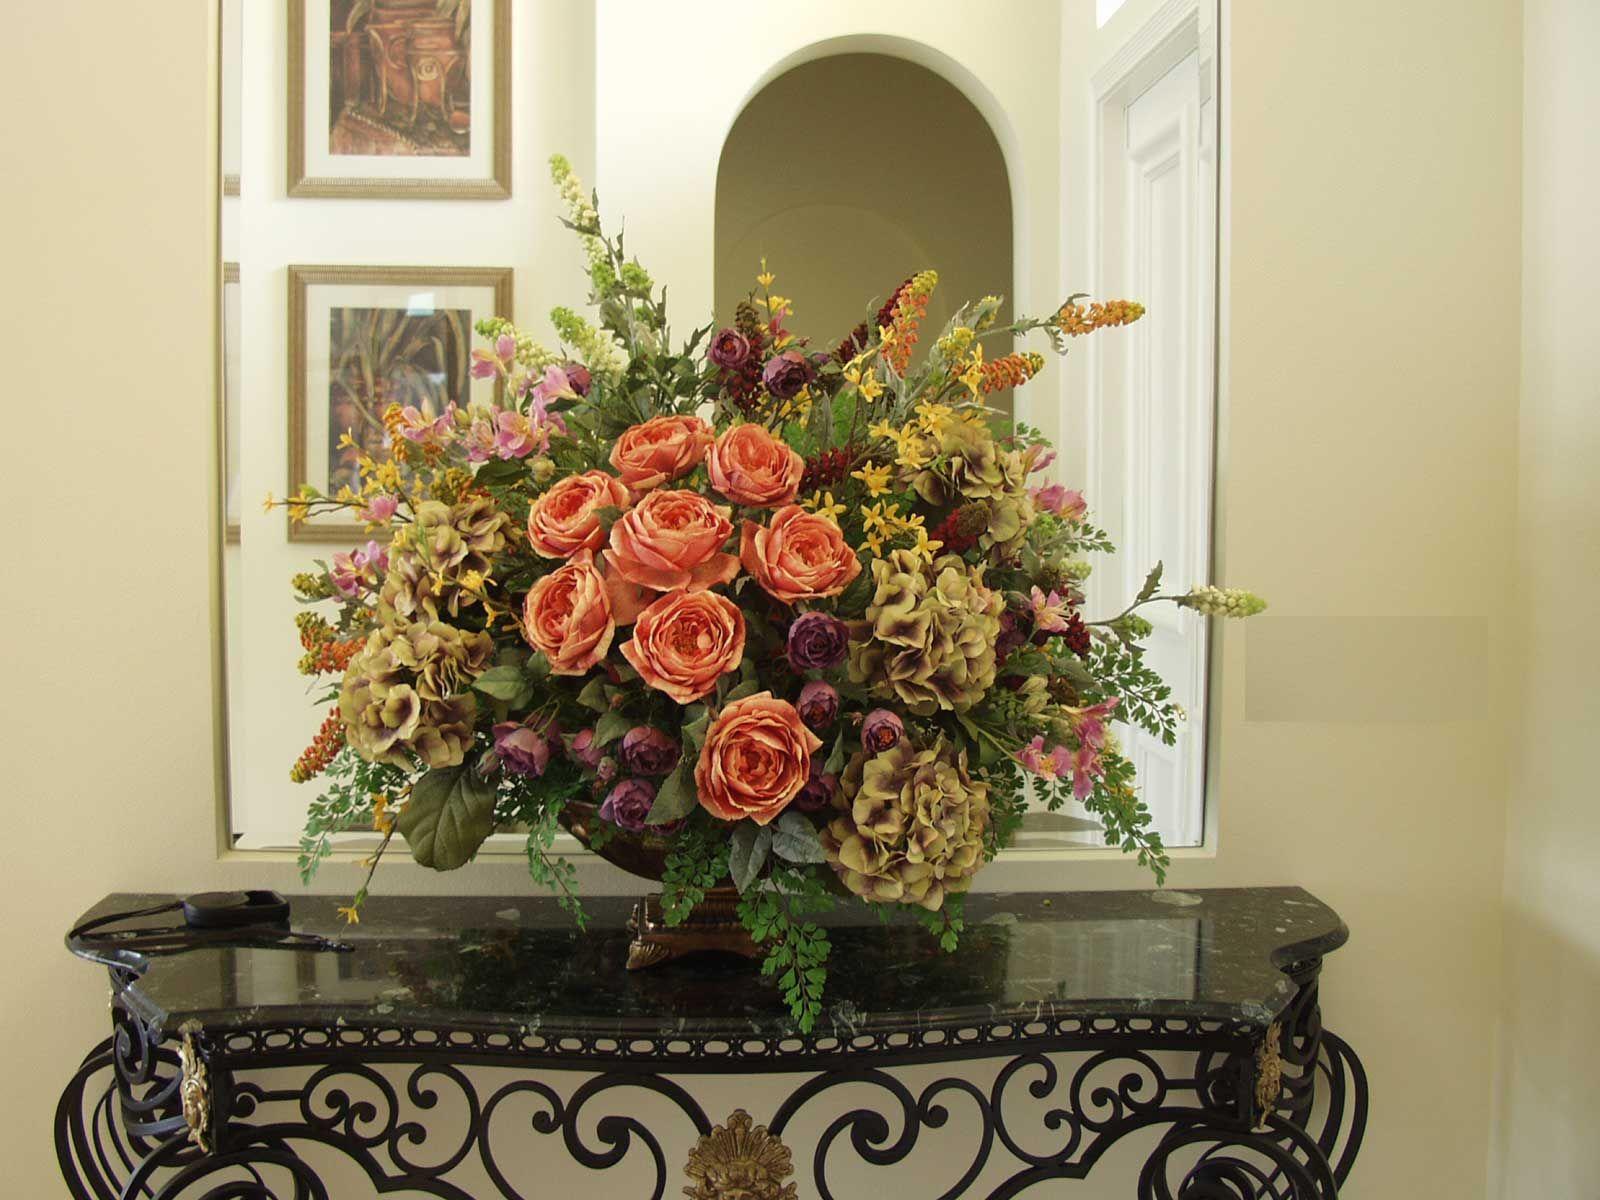 Dinning Room Dining Room Table Silk Flower Arrangements Unique Large Flower Arrangements Silk Floral Centerpiece Table Flower Arrangements